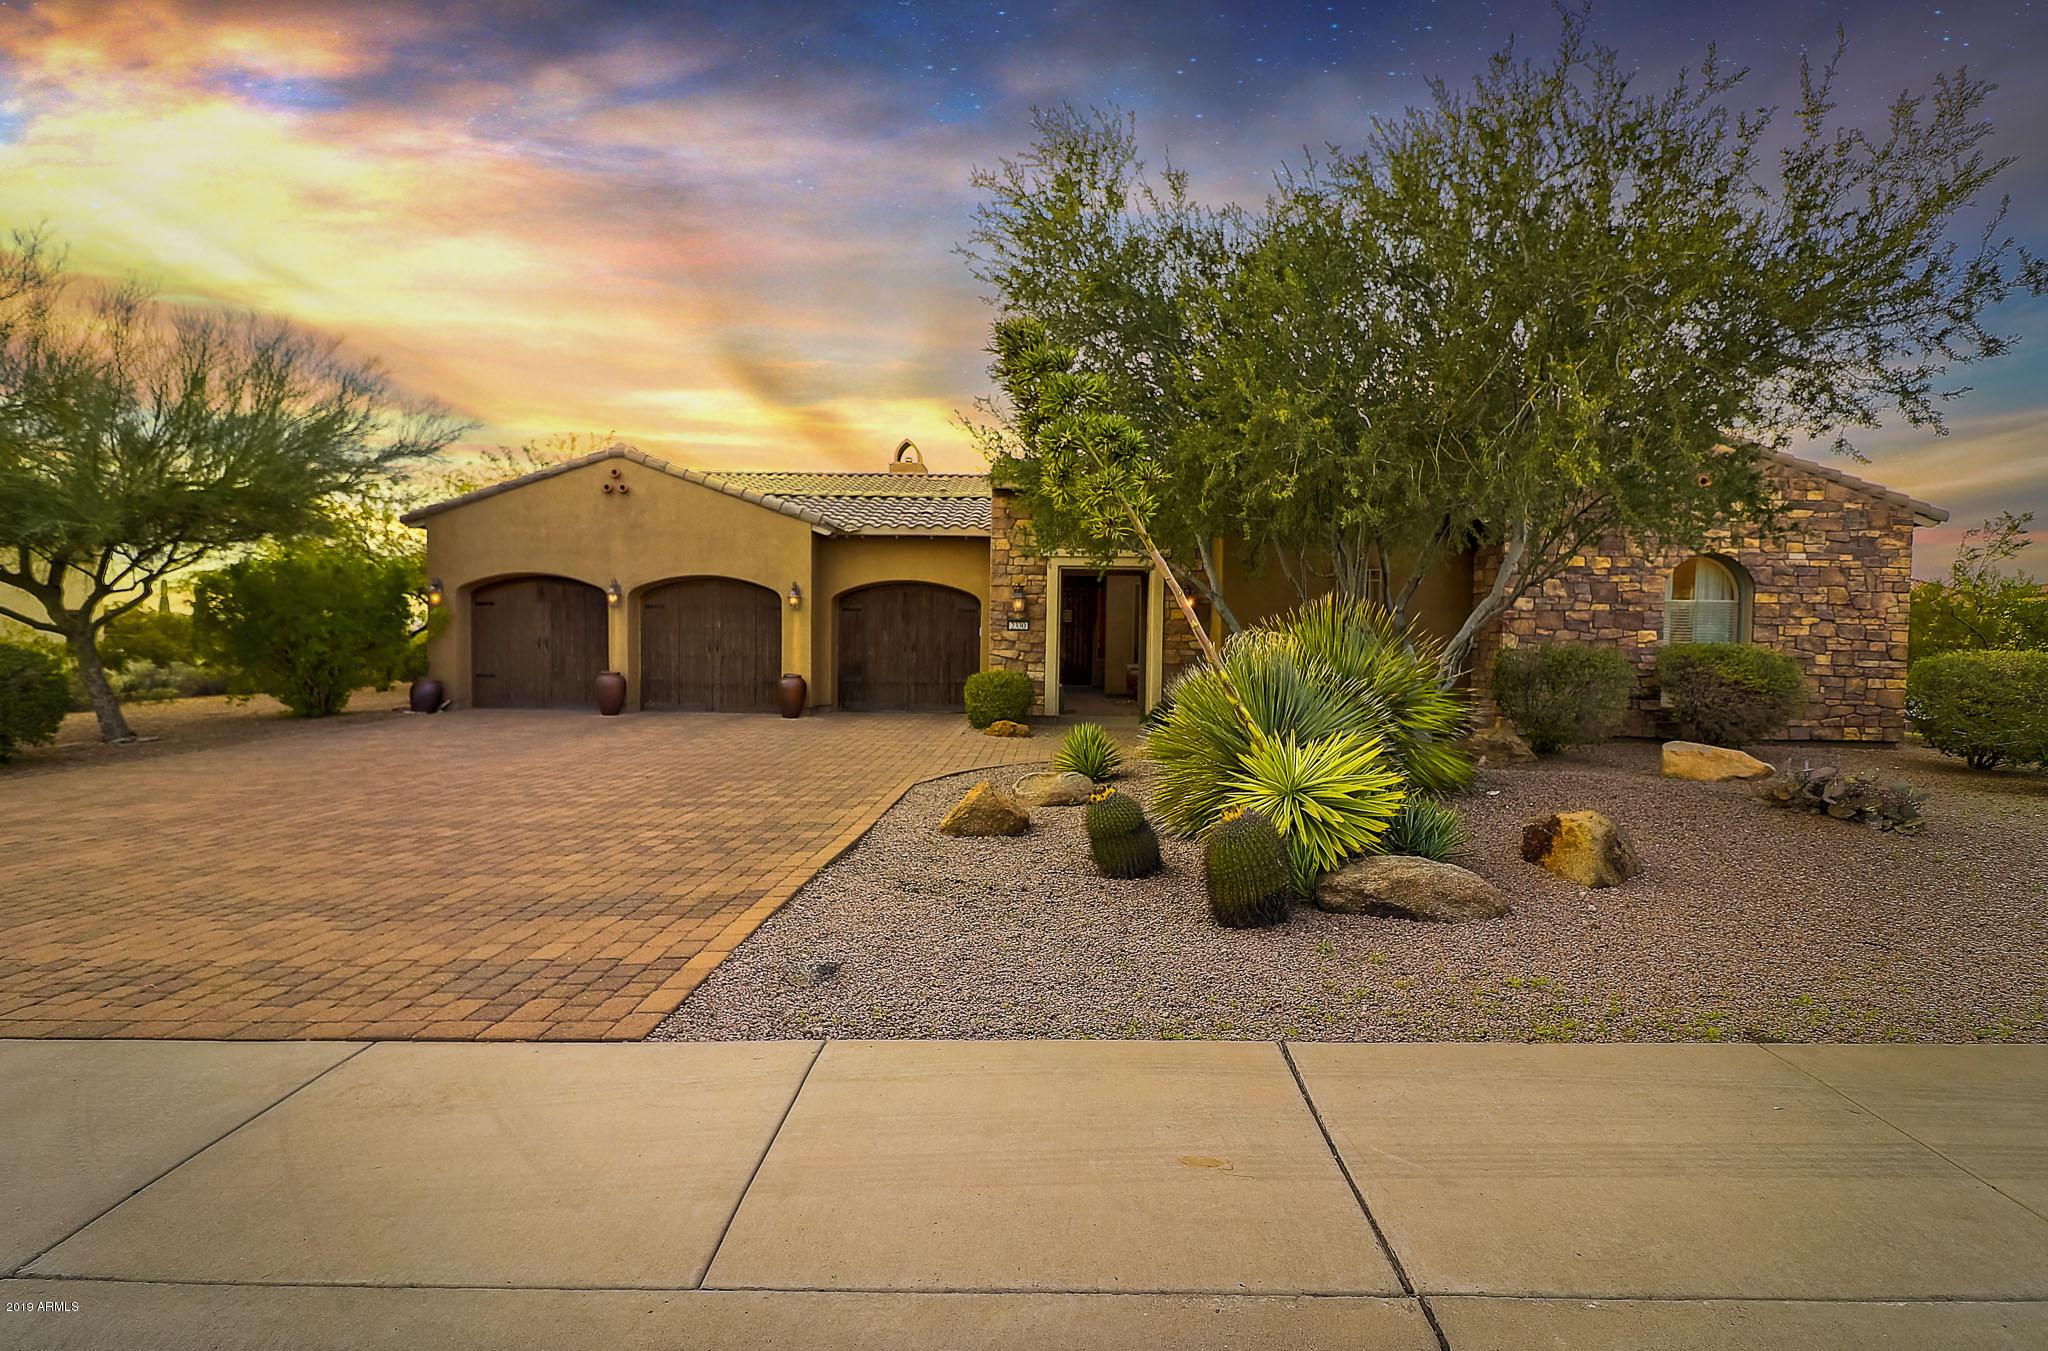 Photo of 2330 N WOODRUFF --, Mesa, AZ 85207